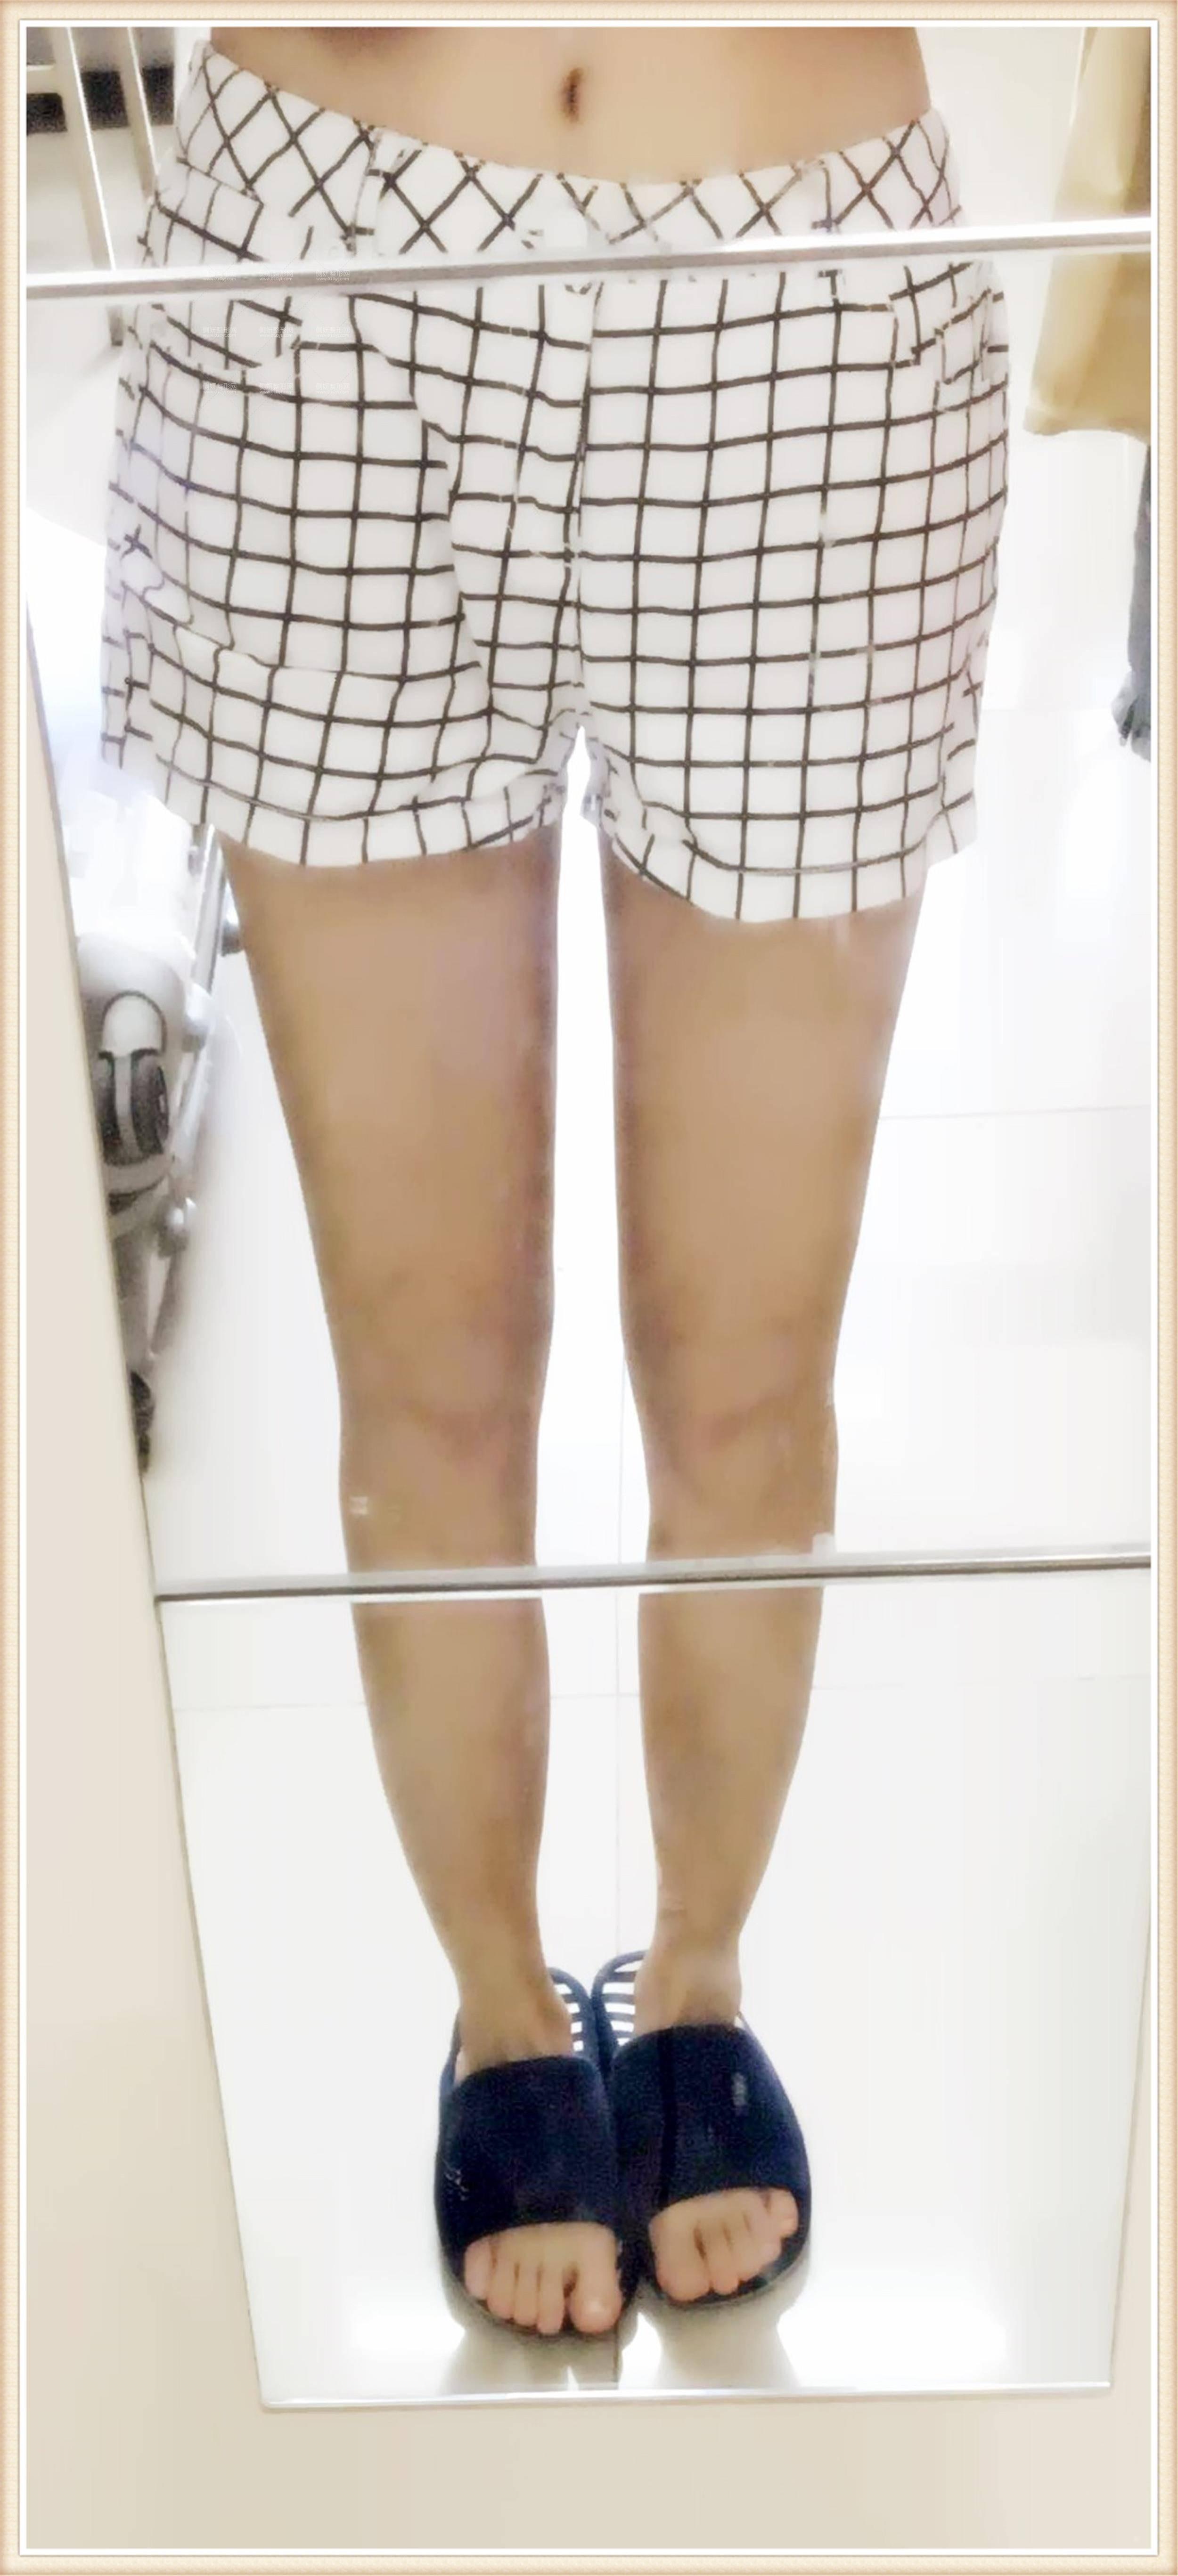 运城丽霞医疗整形美容诊所吸脂瘦腿专家_案例反馈